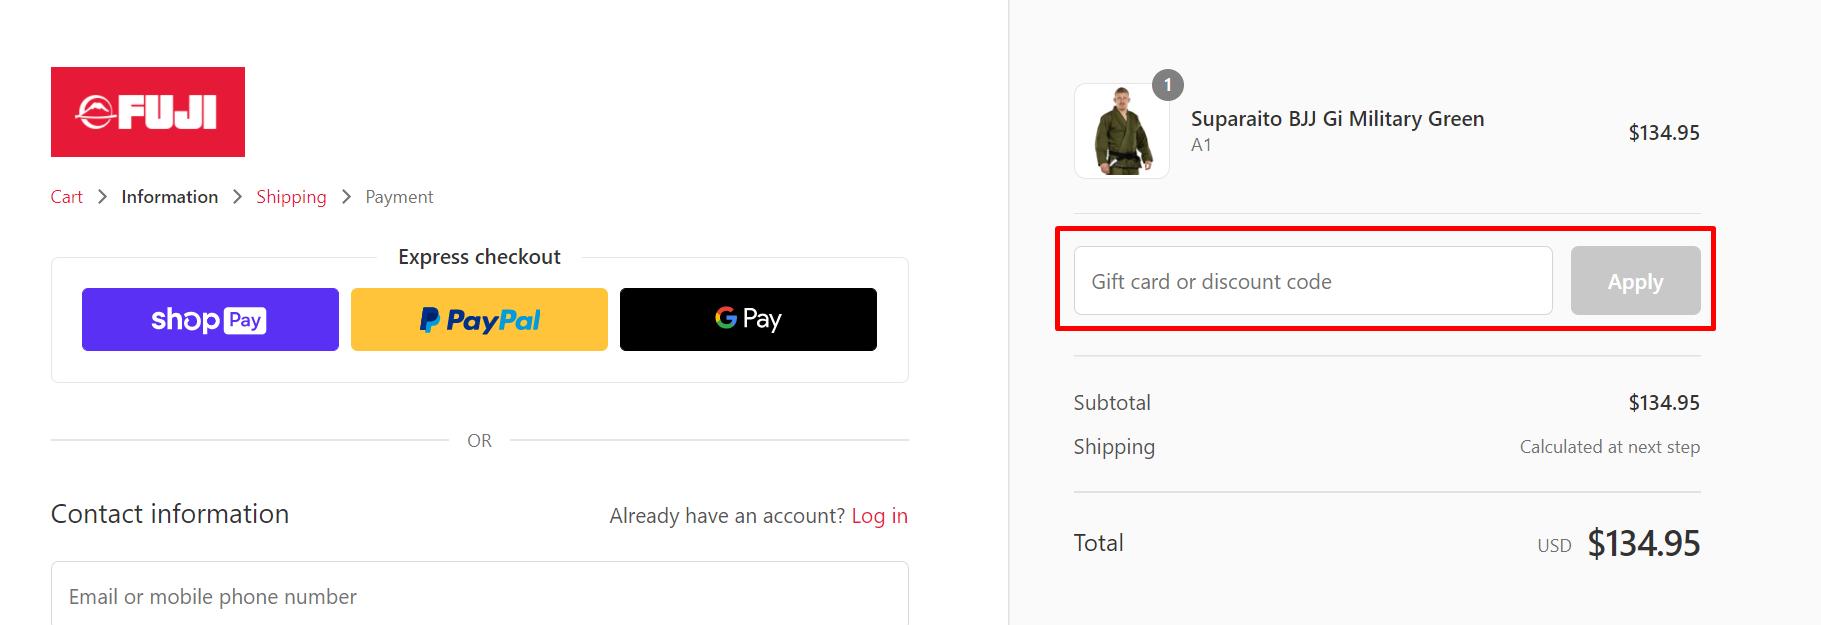 How do I use my Fujisports discount code?